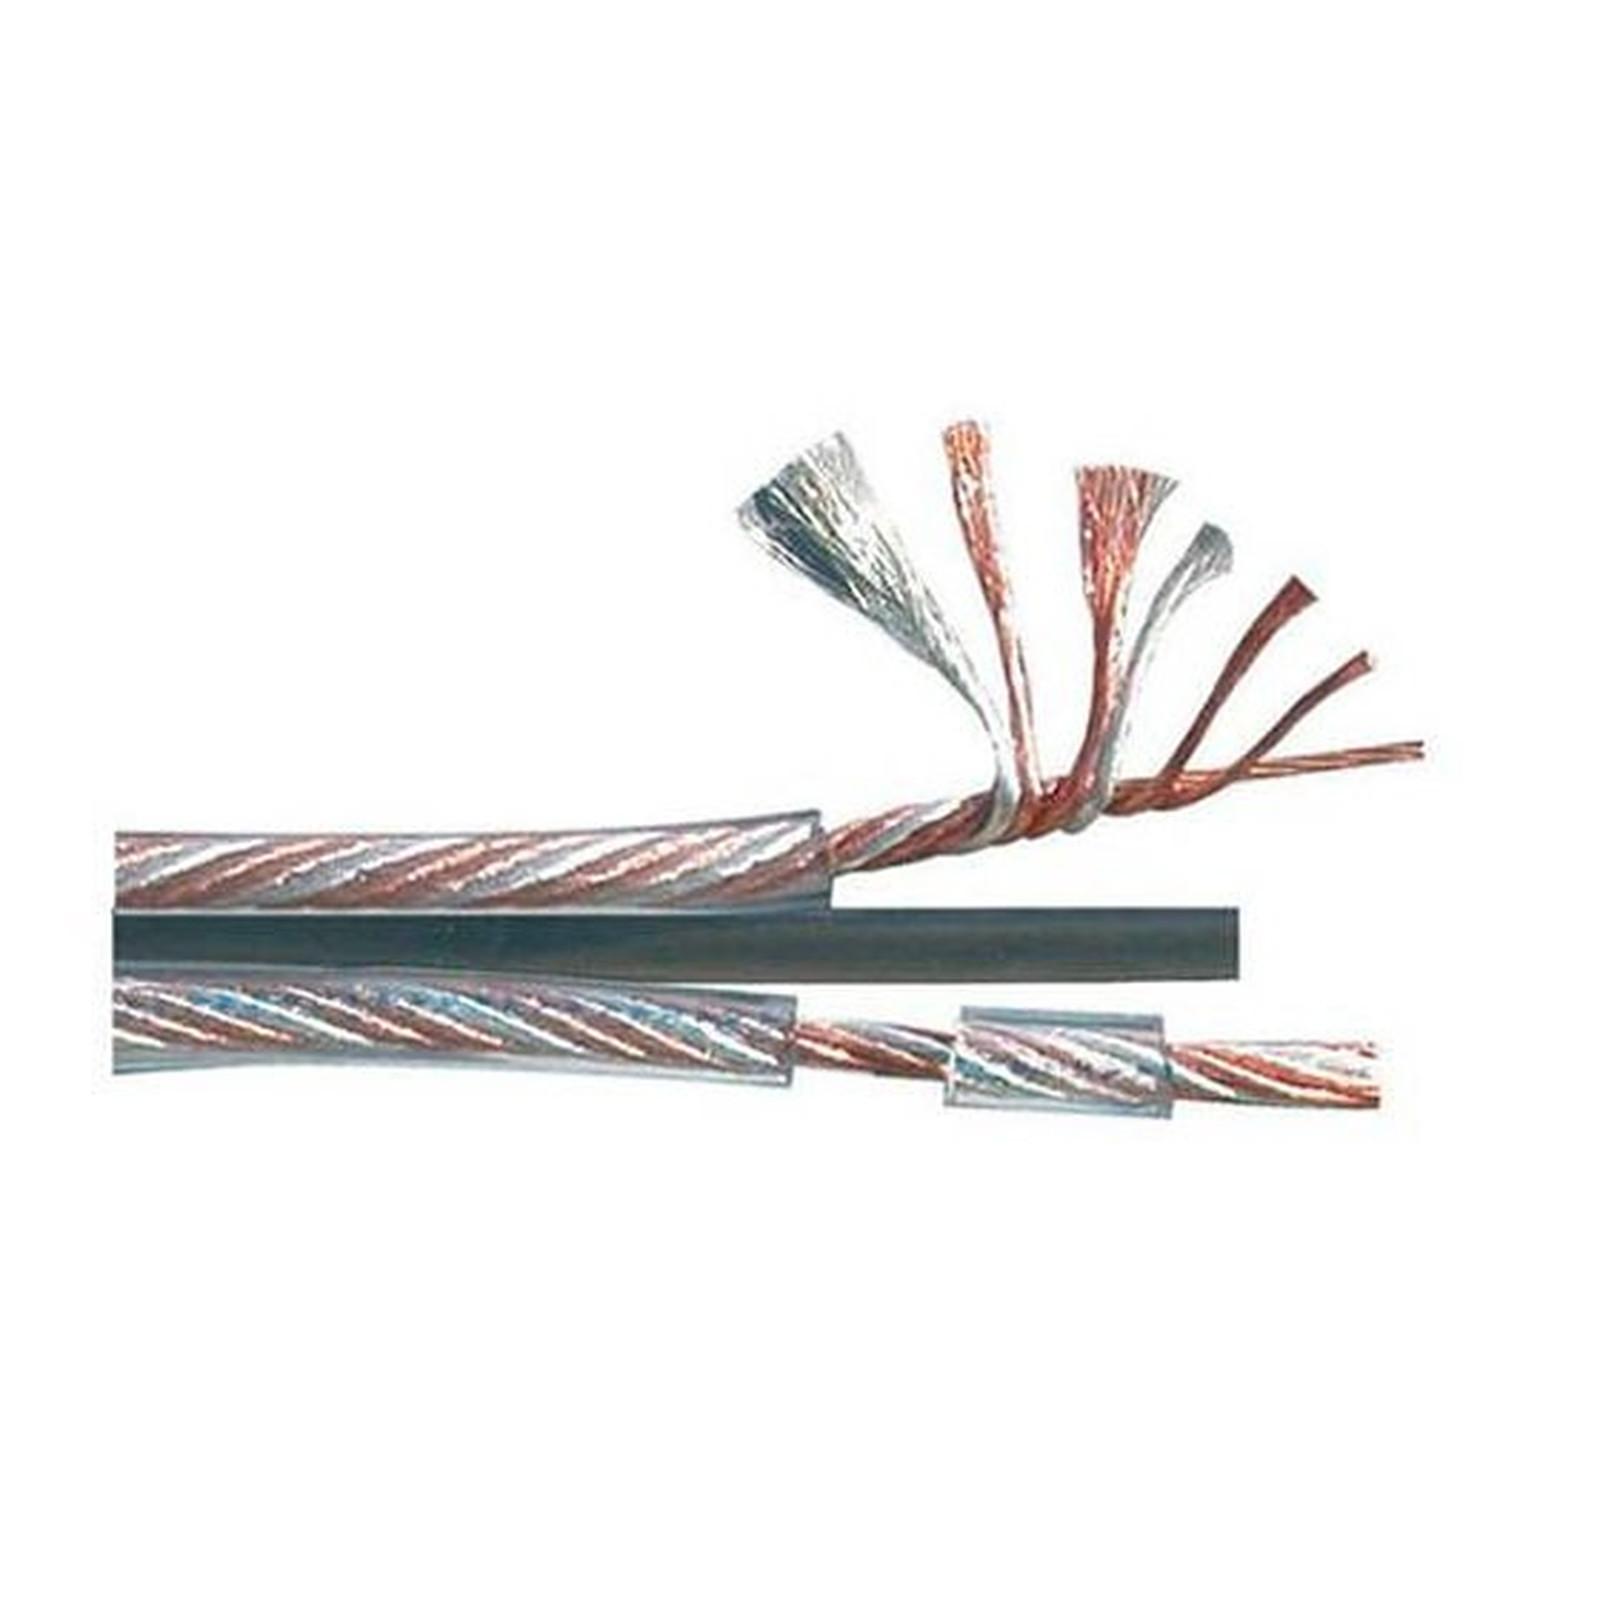 Real Cable Innovation - Câble haut-parleur 2,5 mm² - 20 m